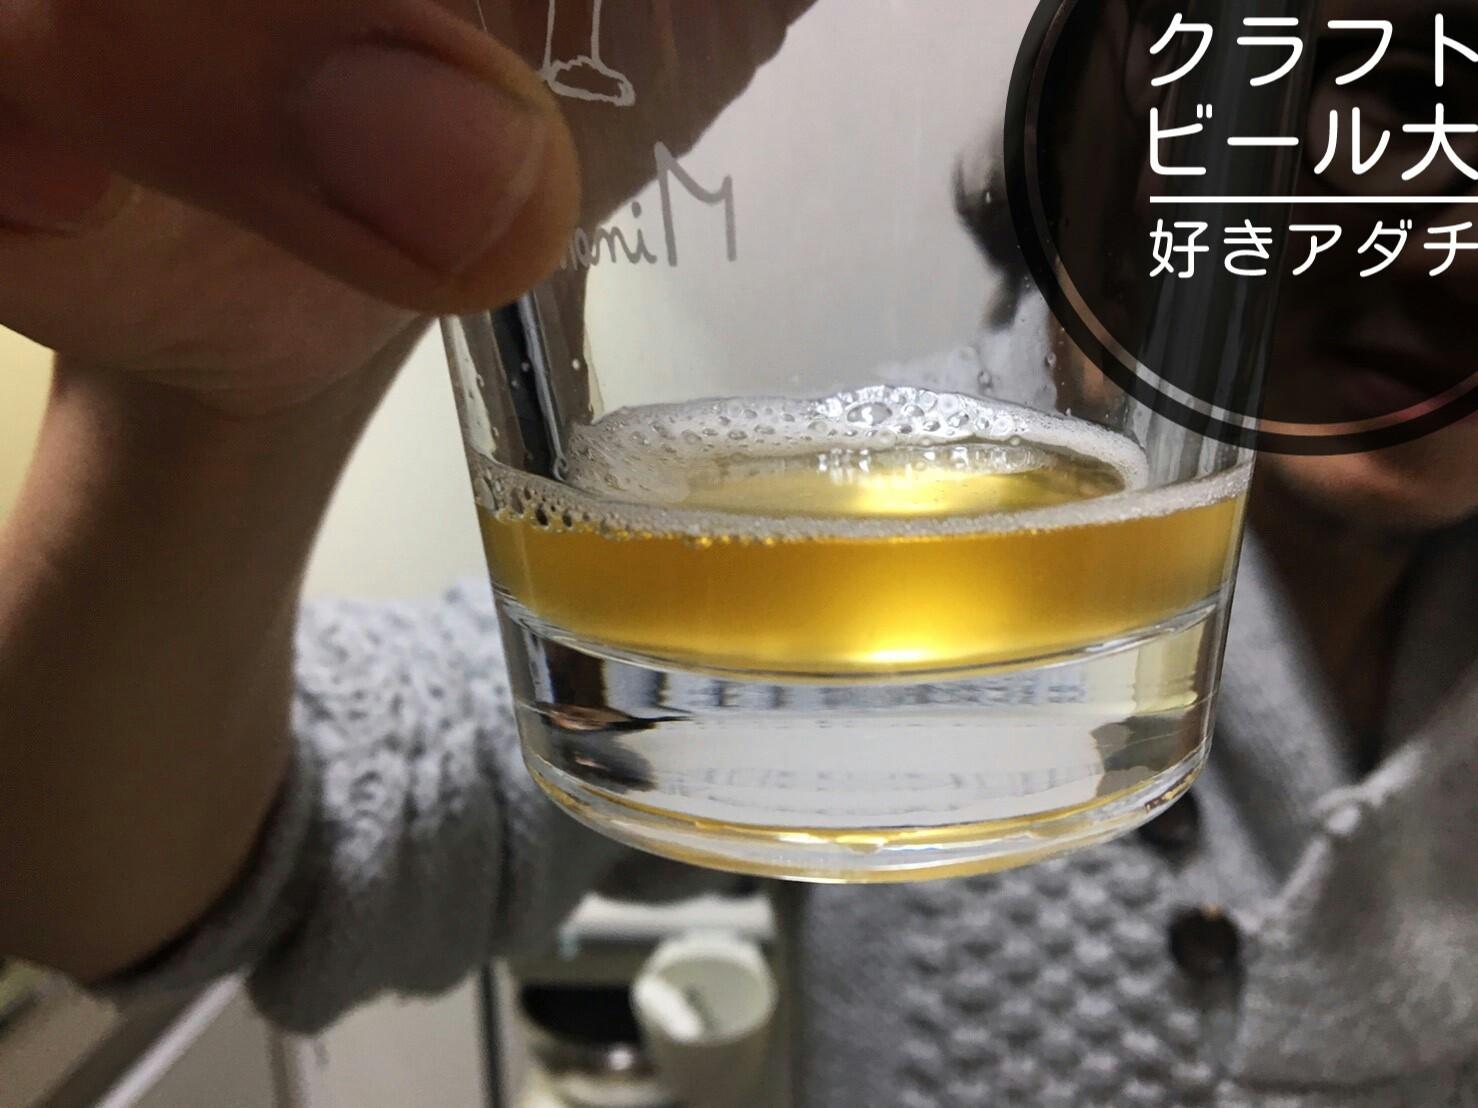 f:id:craftbeer-adachi:20170120124409j:plain